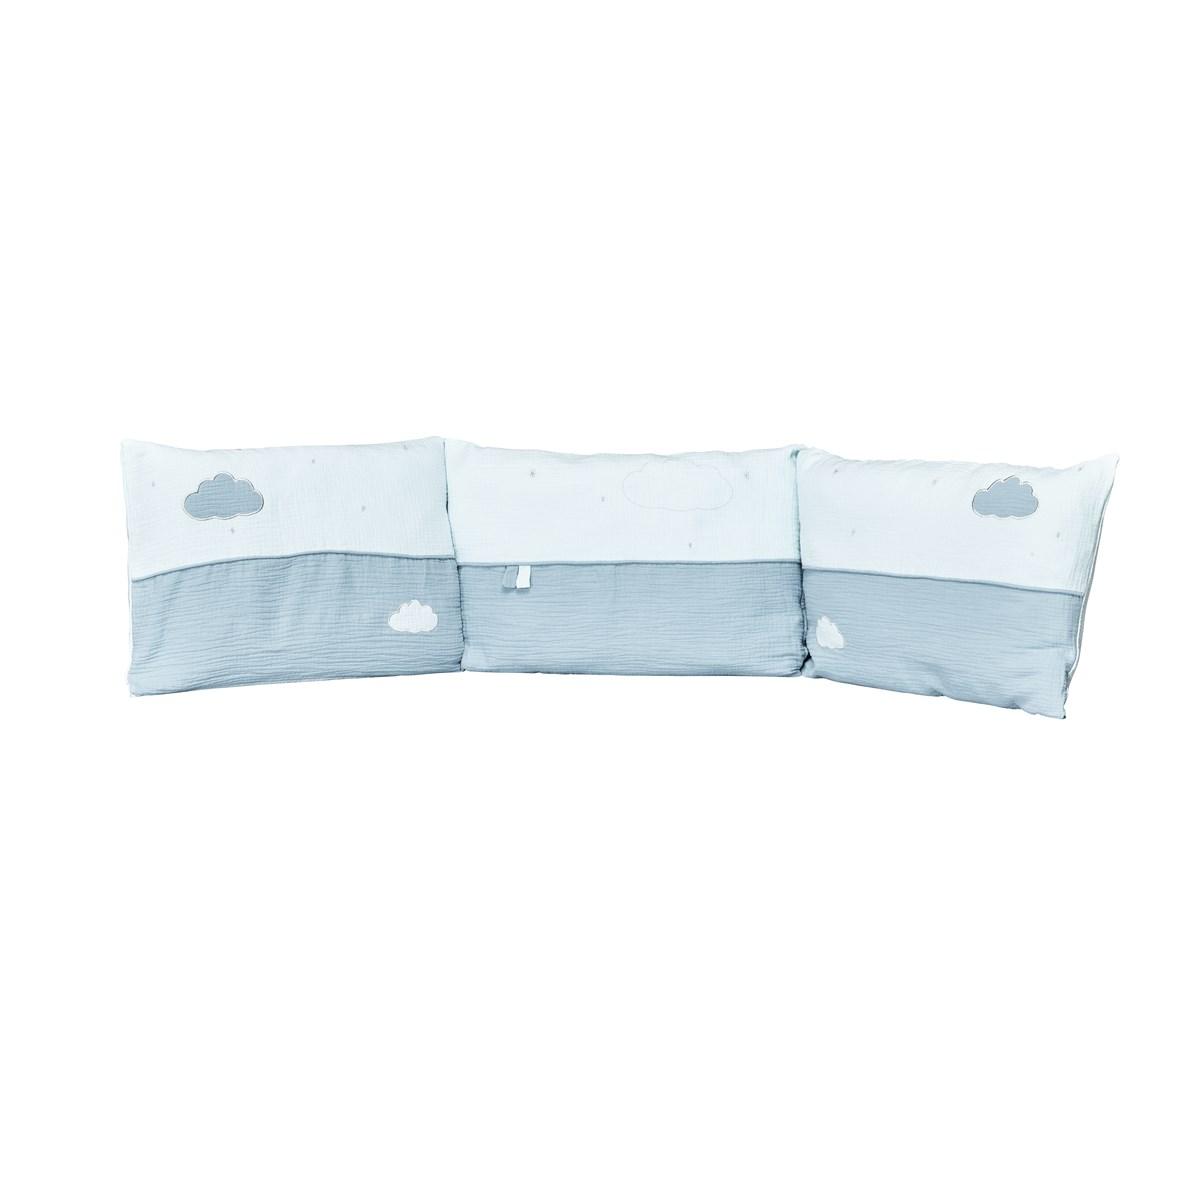 Tour de lit bébé en coton bleu